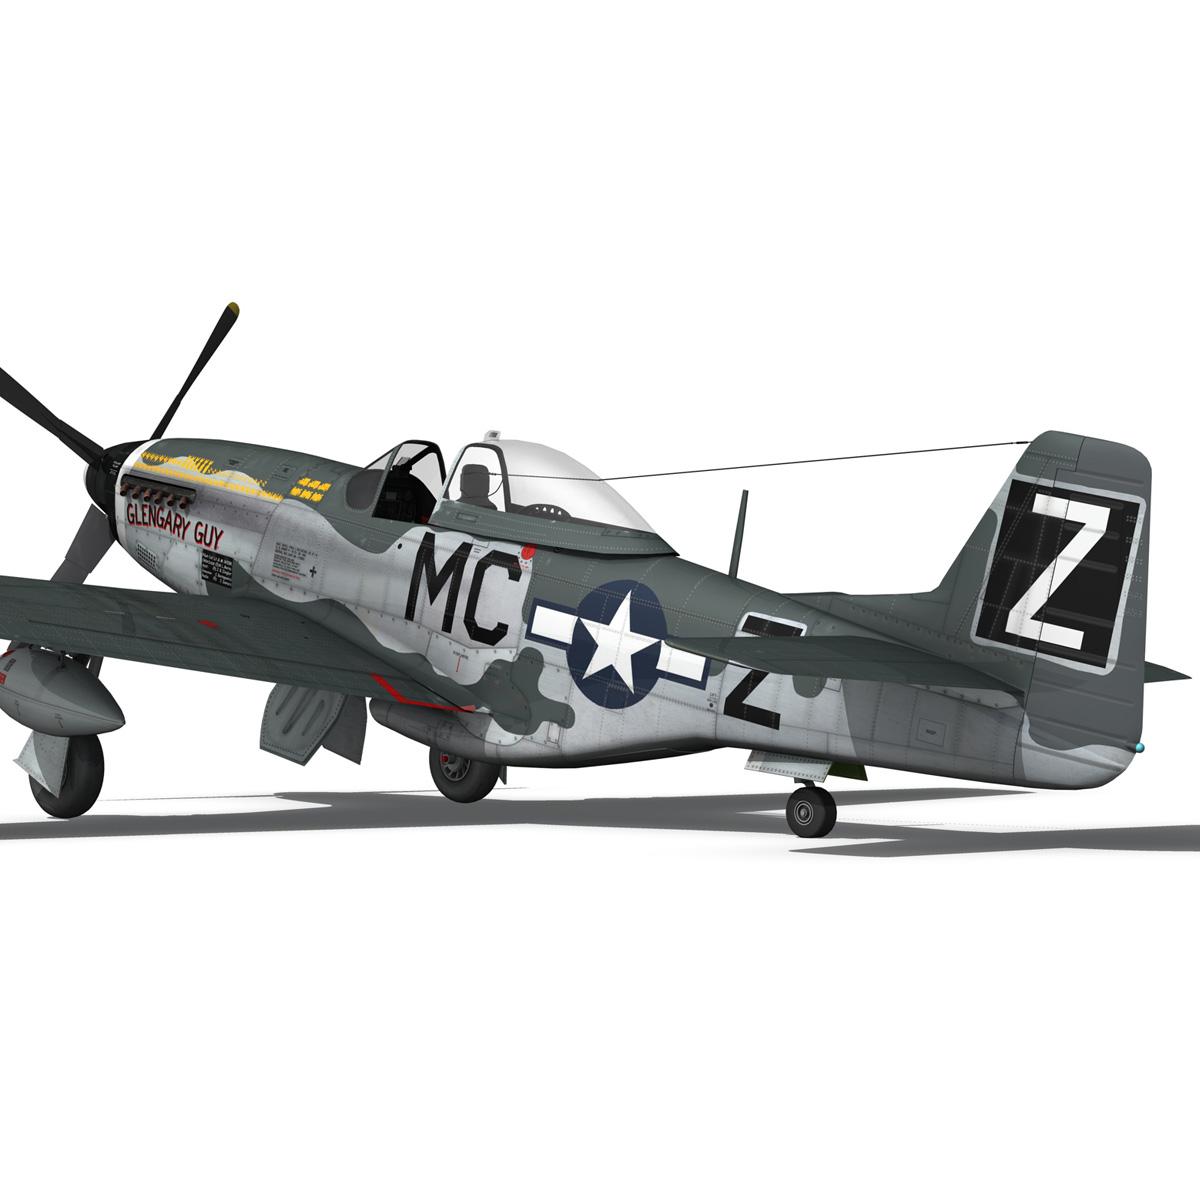 north american p-51d mustang – glengary guy 3d model fbx c4d lwo obj 267527